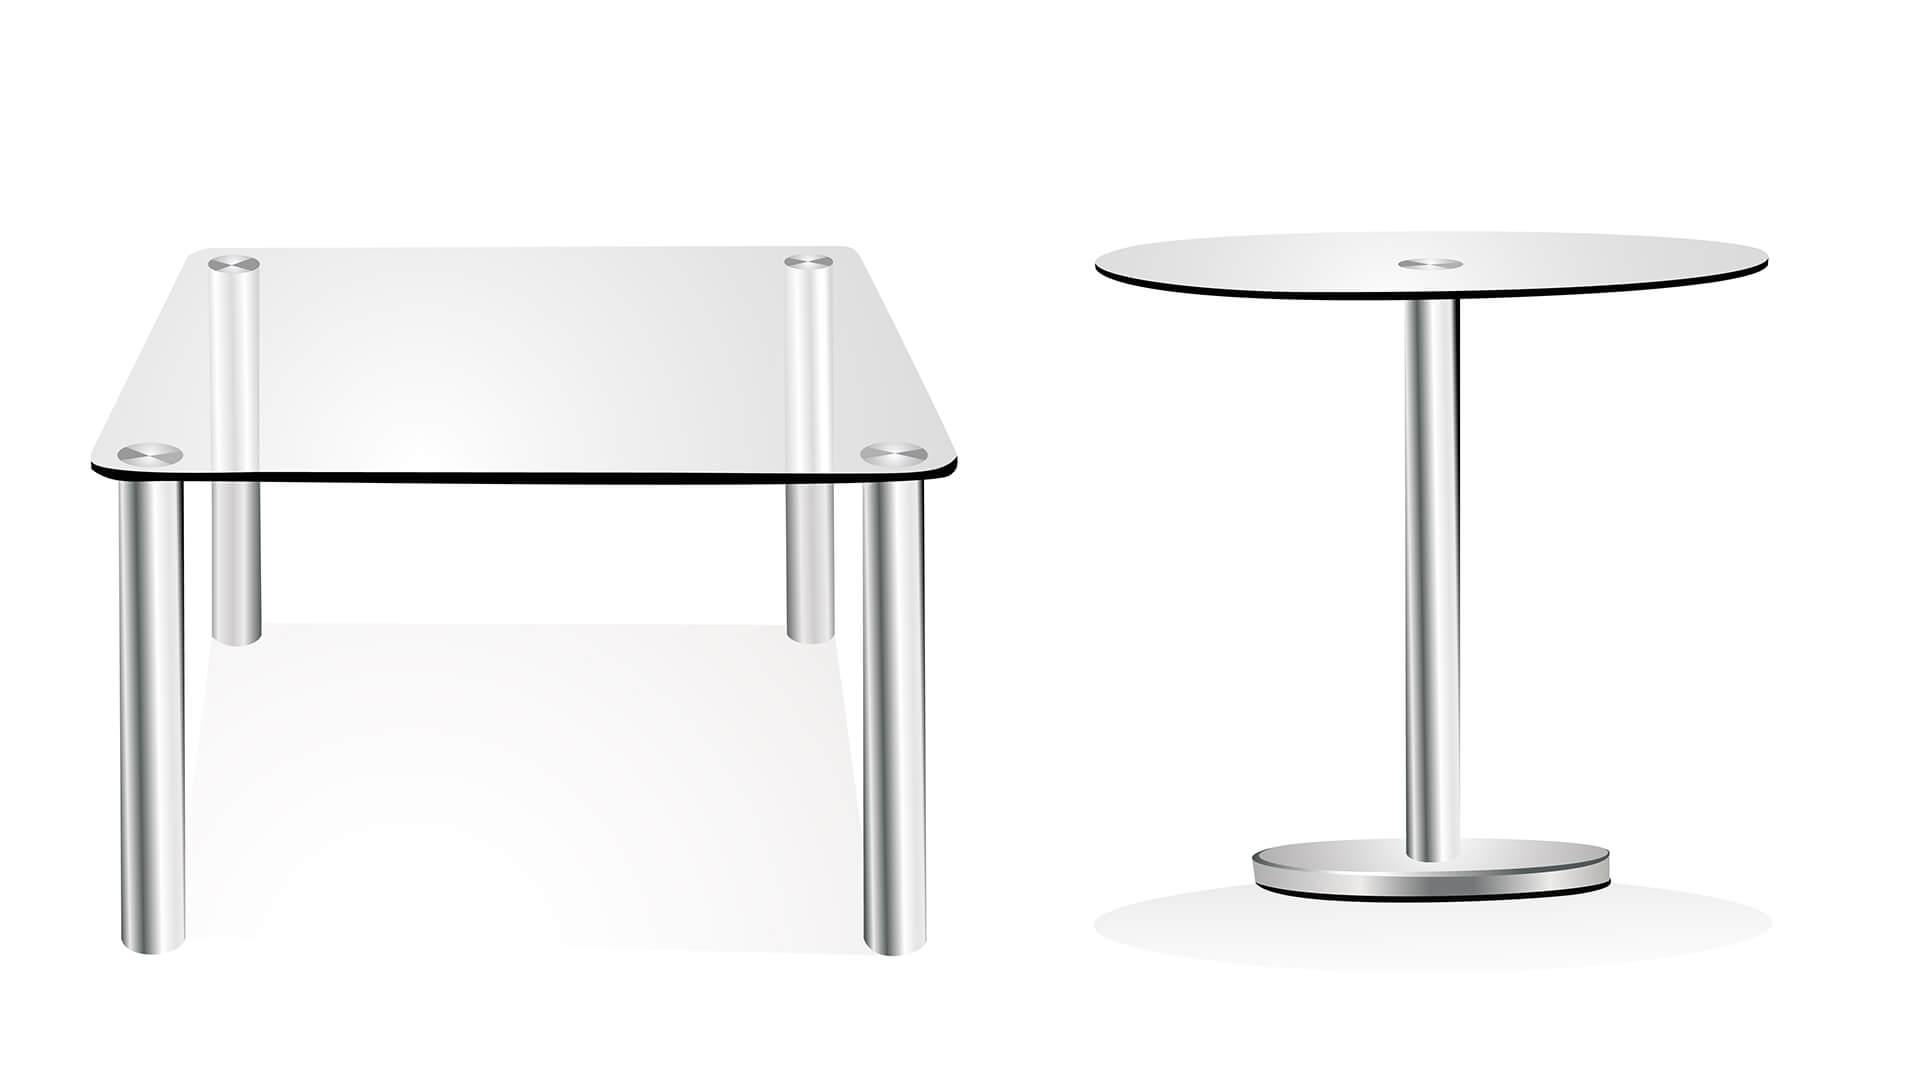 masa ve sehpa cam satisi - Masa ve Sehpa Camları Satışı